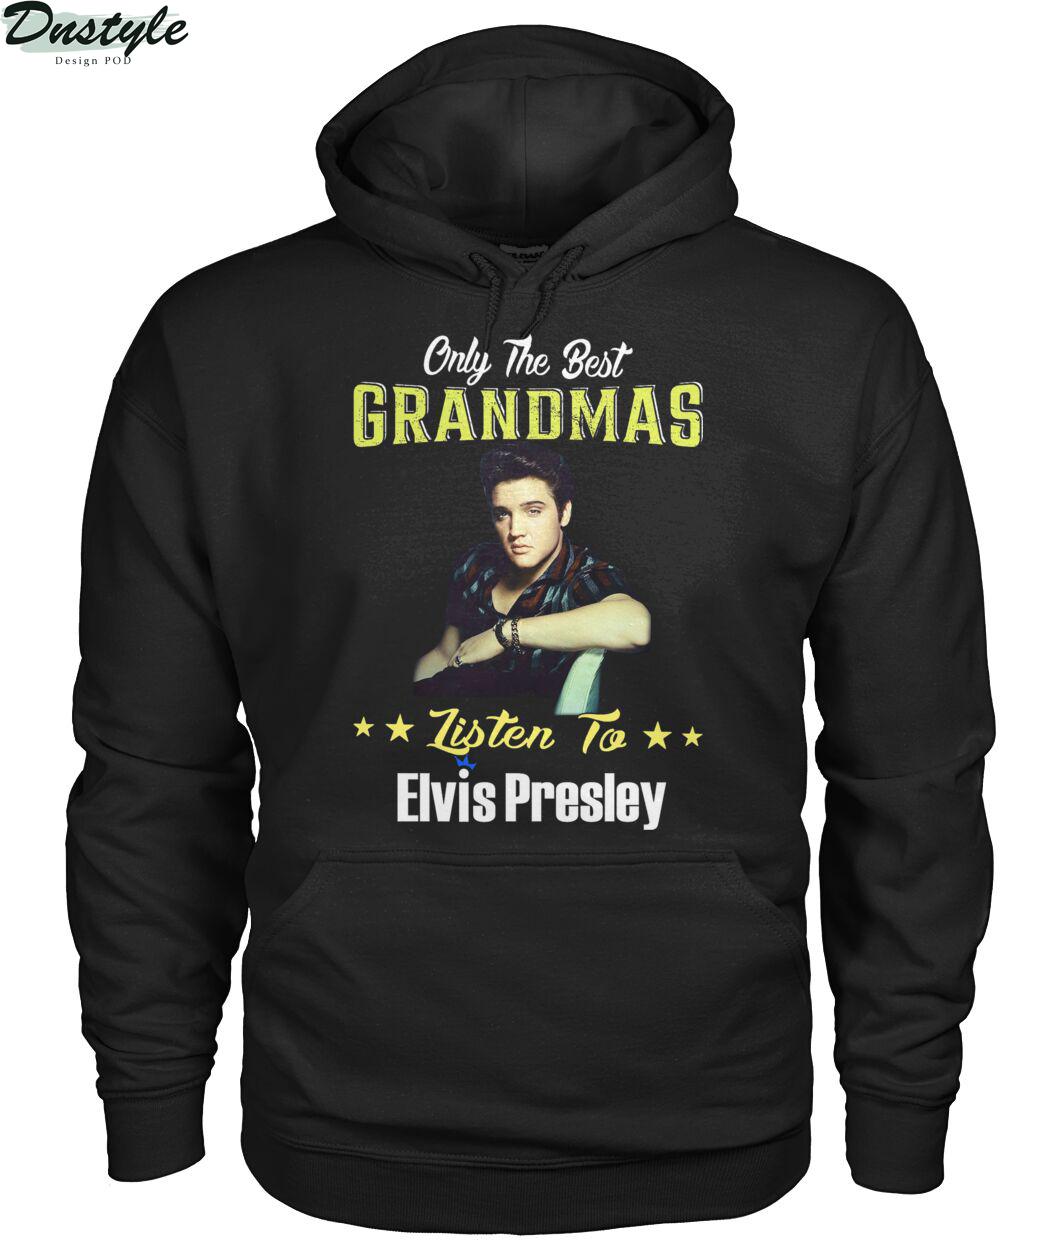 Only the best grandmas listen to elvis presley hoodie